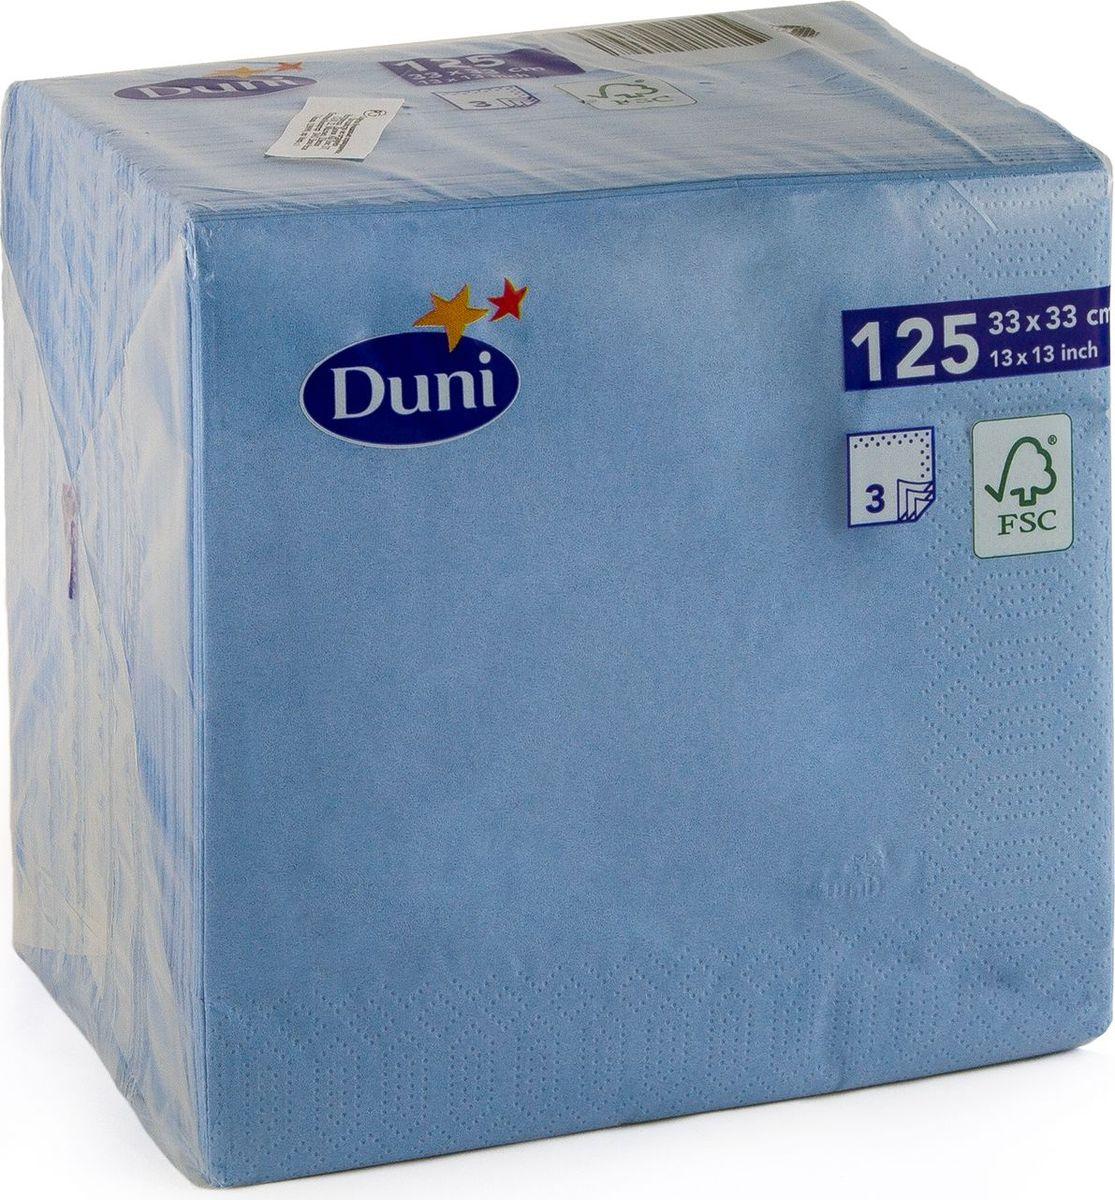 Салфетки бумажные Duni, 3-слойные, цвет: голубой, 33 х 33 смVT-1520(SR)Трехслойные бумажные салфетки изготовлены из экологически чистого, высококачественного сырья - 100% целлюлозы. Салфетки выполнены в оригинальном и современном стиле, прекрасно сочетаются с любым интерьером и всегда будут прекрасным и незаменимым украшением стола.